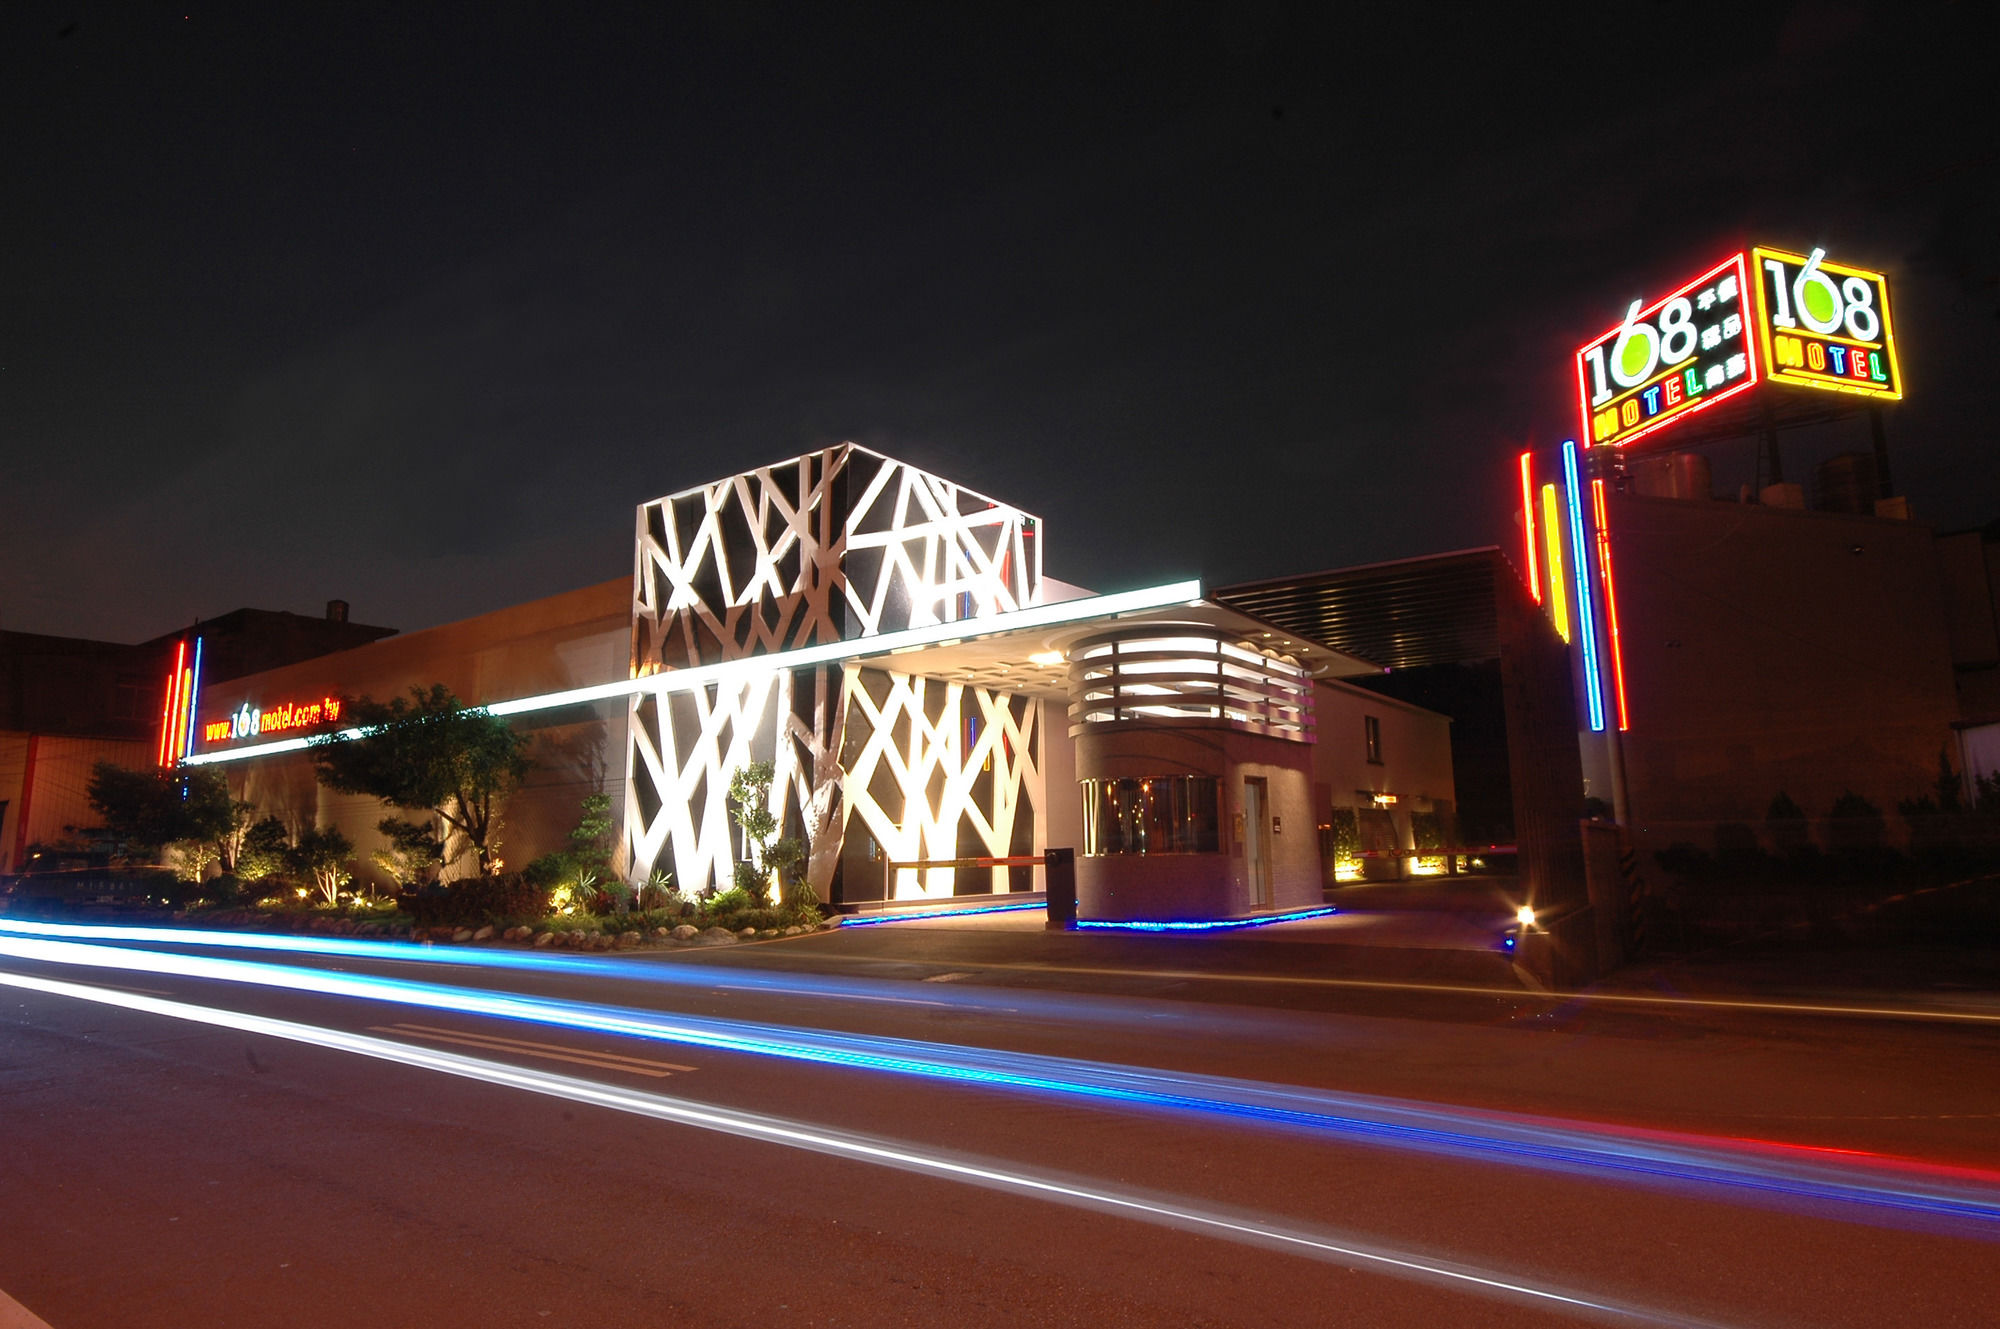 168 Motel Zhongli